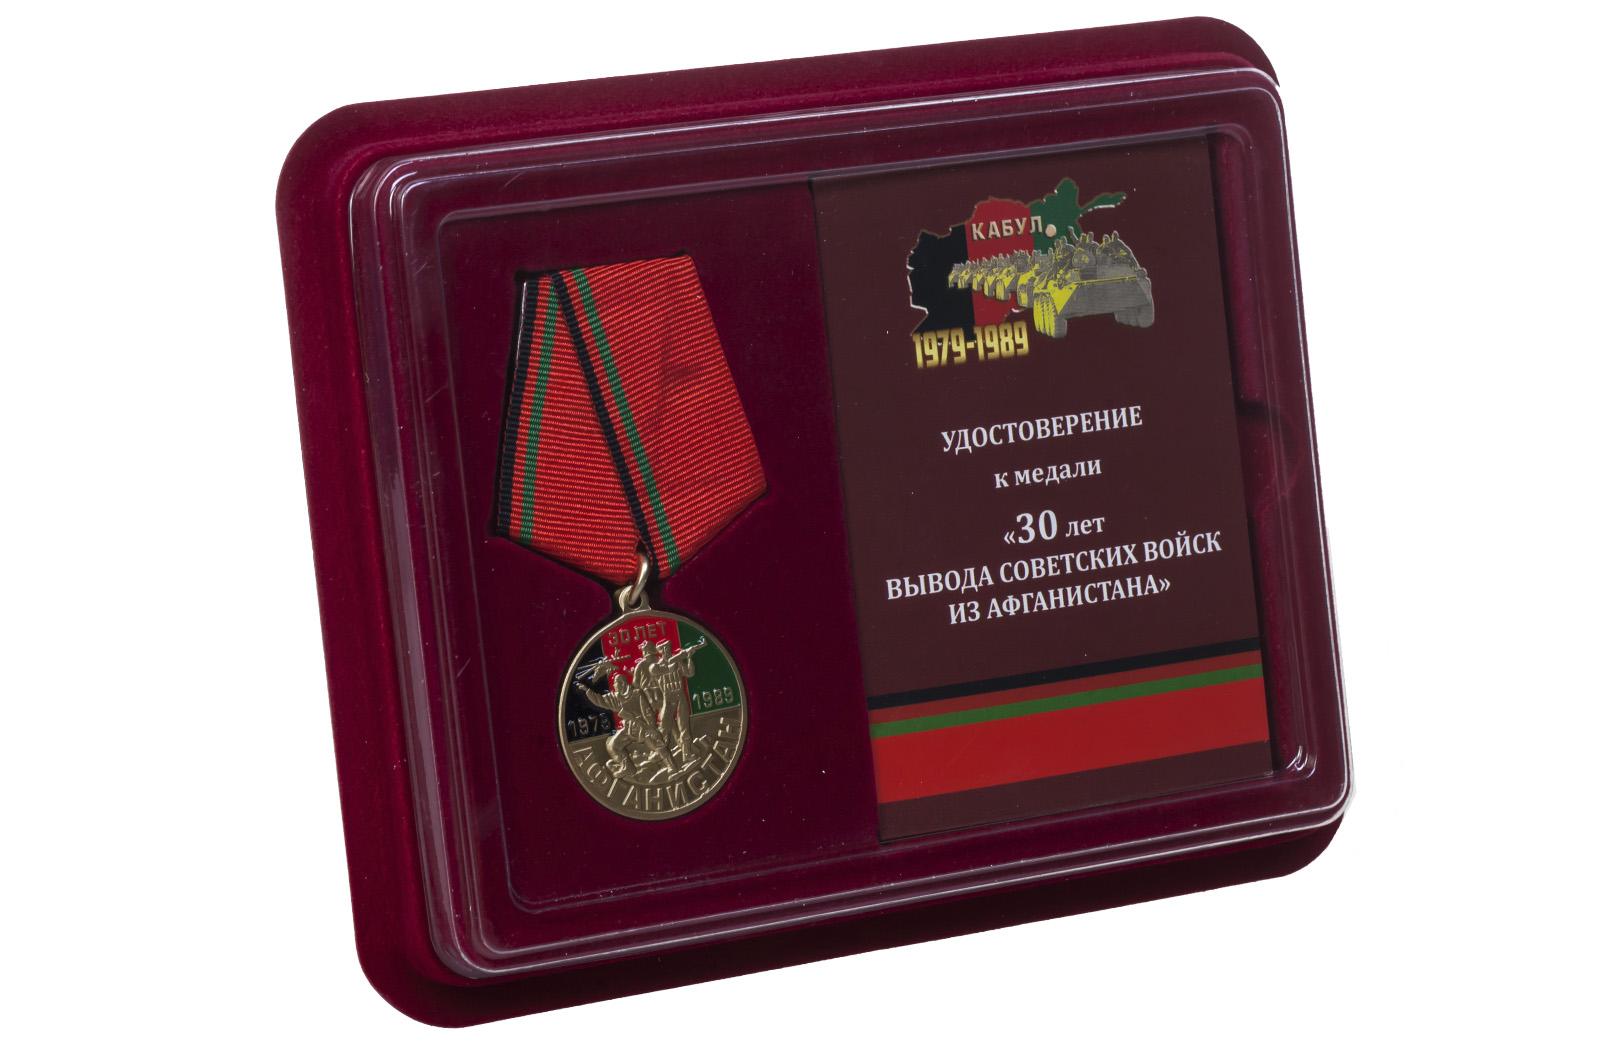 """Медаль """"30 лет вывода Советских войск из ДРА"""" в наградном футляре"""